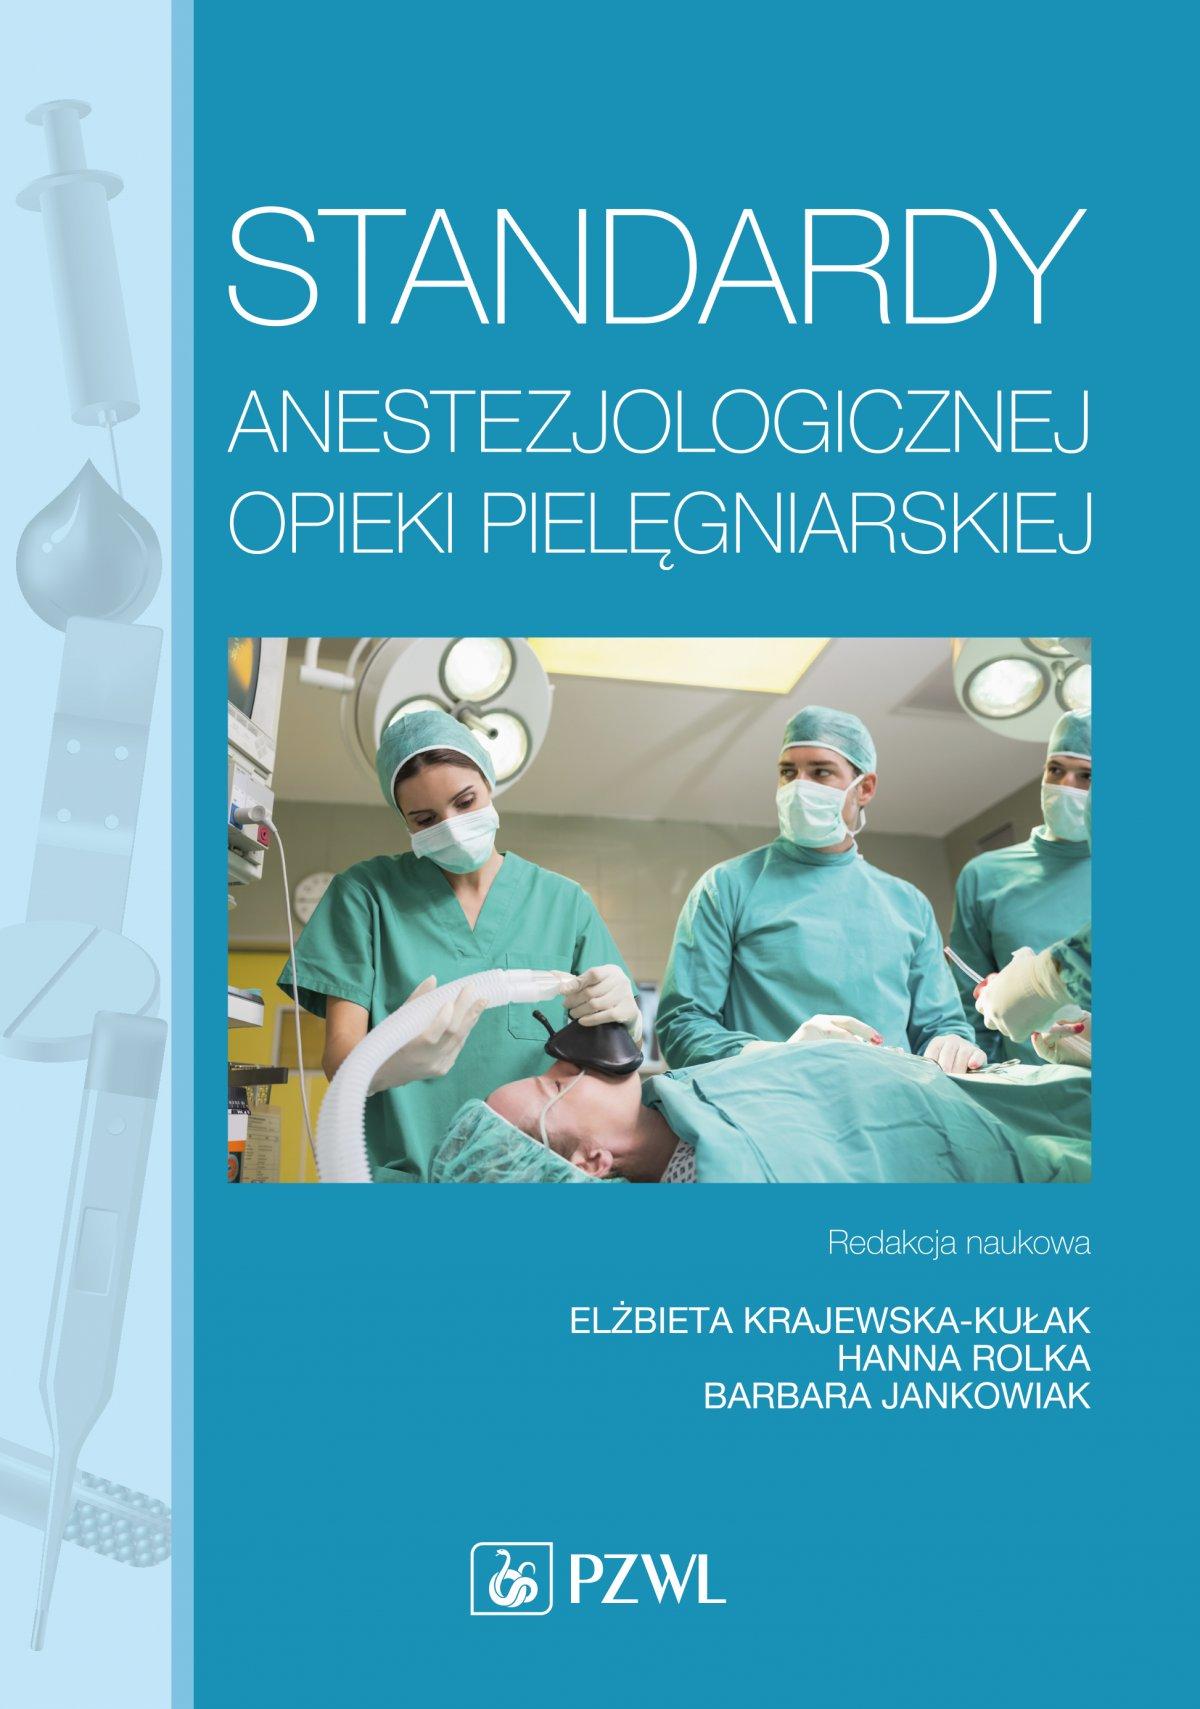 Standardy anestezjologicznej opieki pielęgniarskiej - Ebook (Książka EPUB) do pobrania w formacie EPUB